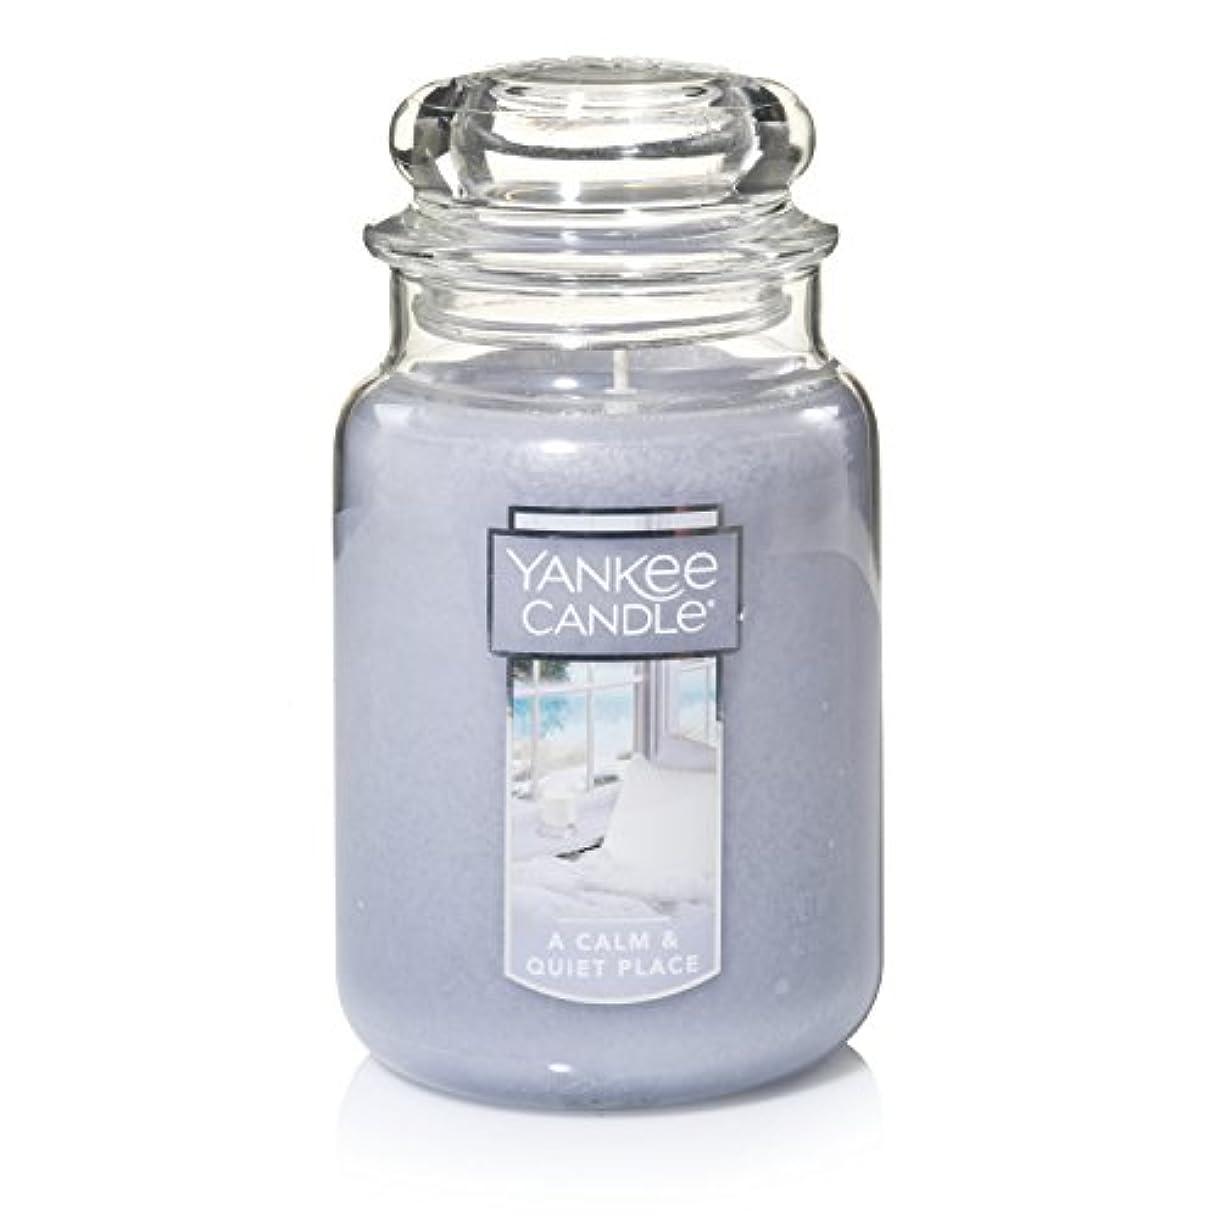 ストレスの多いアルカトラズ島販売員Yankee Candle A Calm & Quiet Place Jar Candle , Large